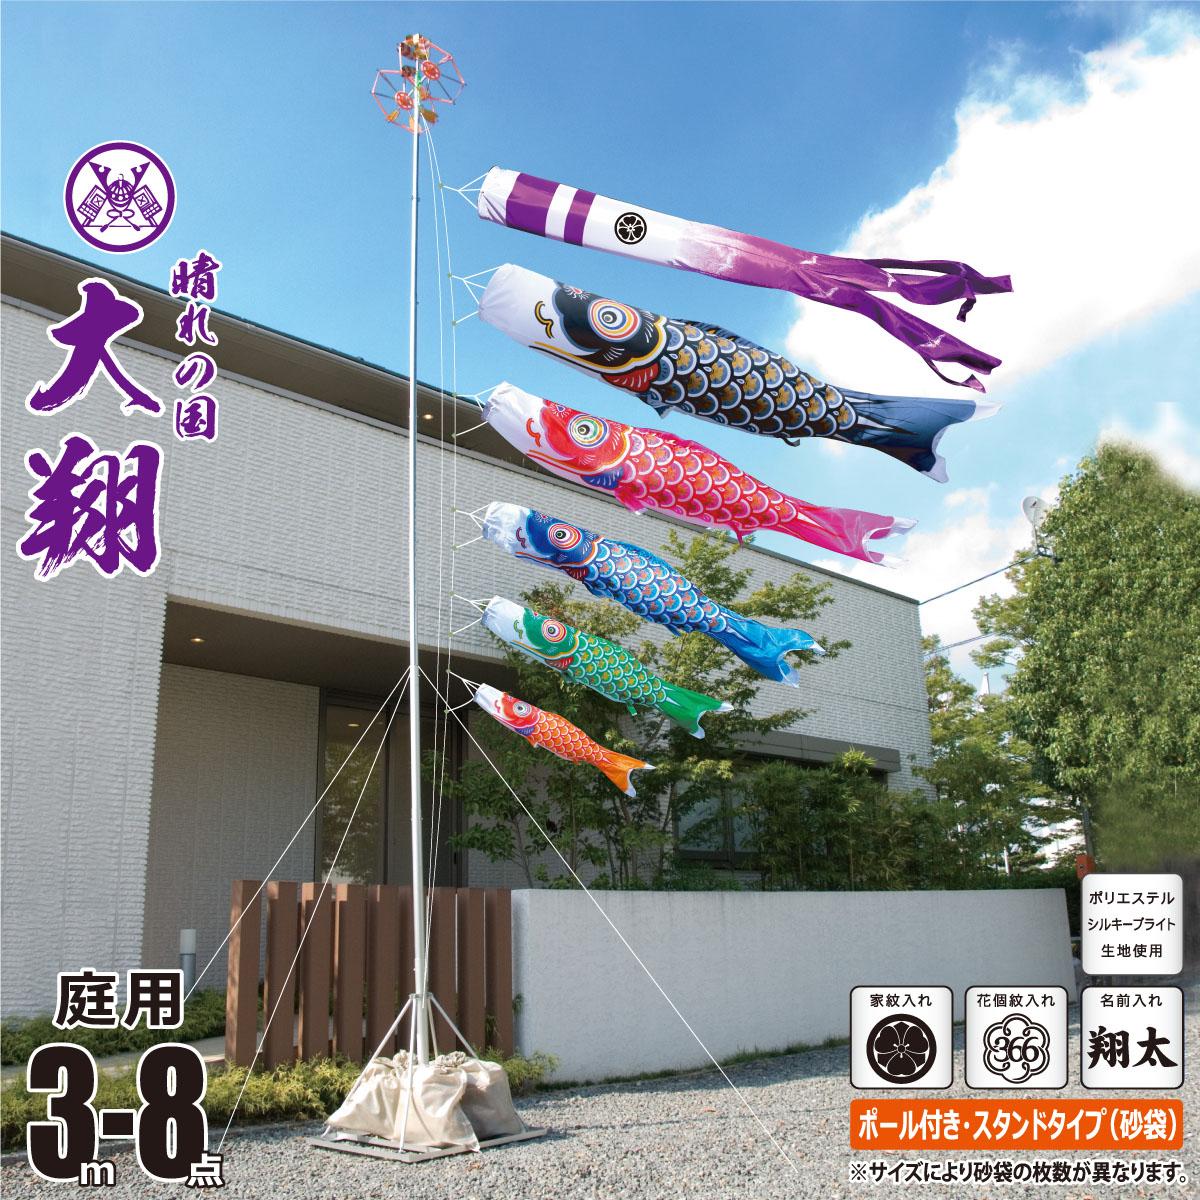 こいのぼり 3m 大翔 8点 (矢車、ロープ、吹流し、鯉5匹) 庭園用 スタンドセット (庭用 スタンド 砂袋4枚入り) 徳永鯉のぼり KIT-003-895